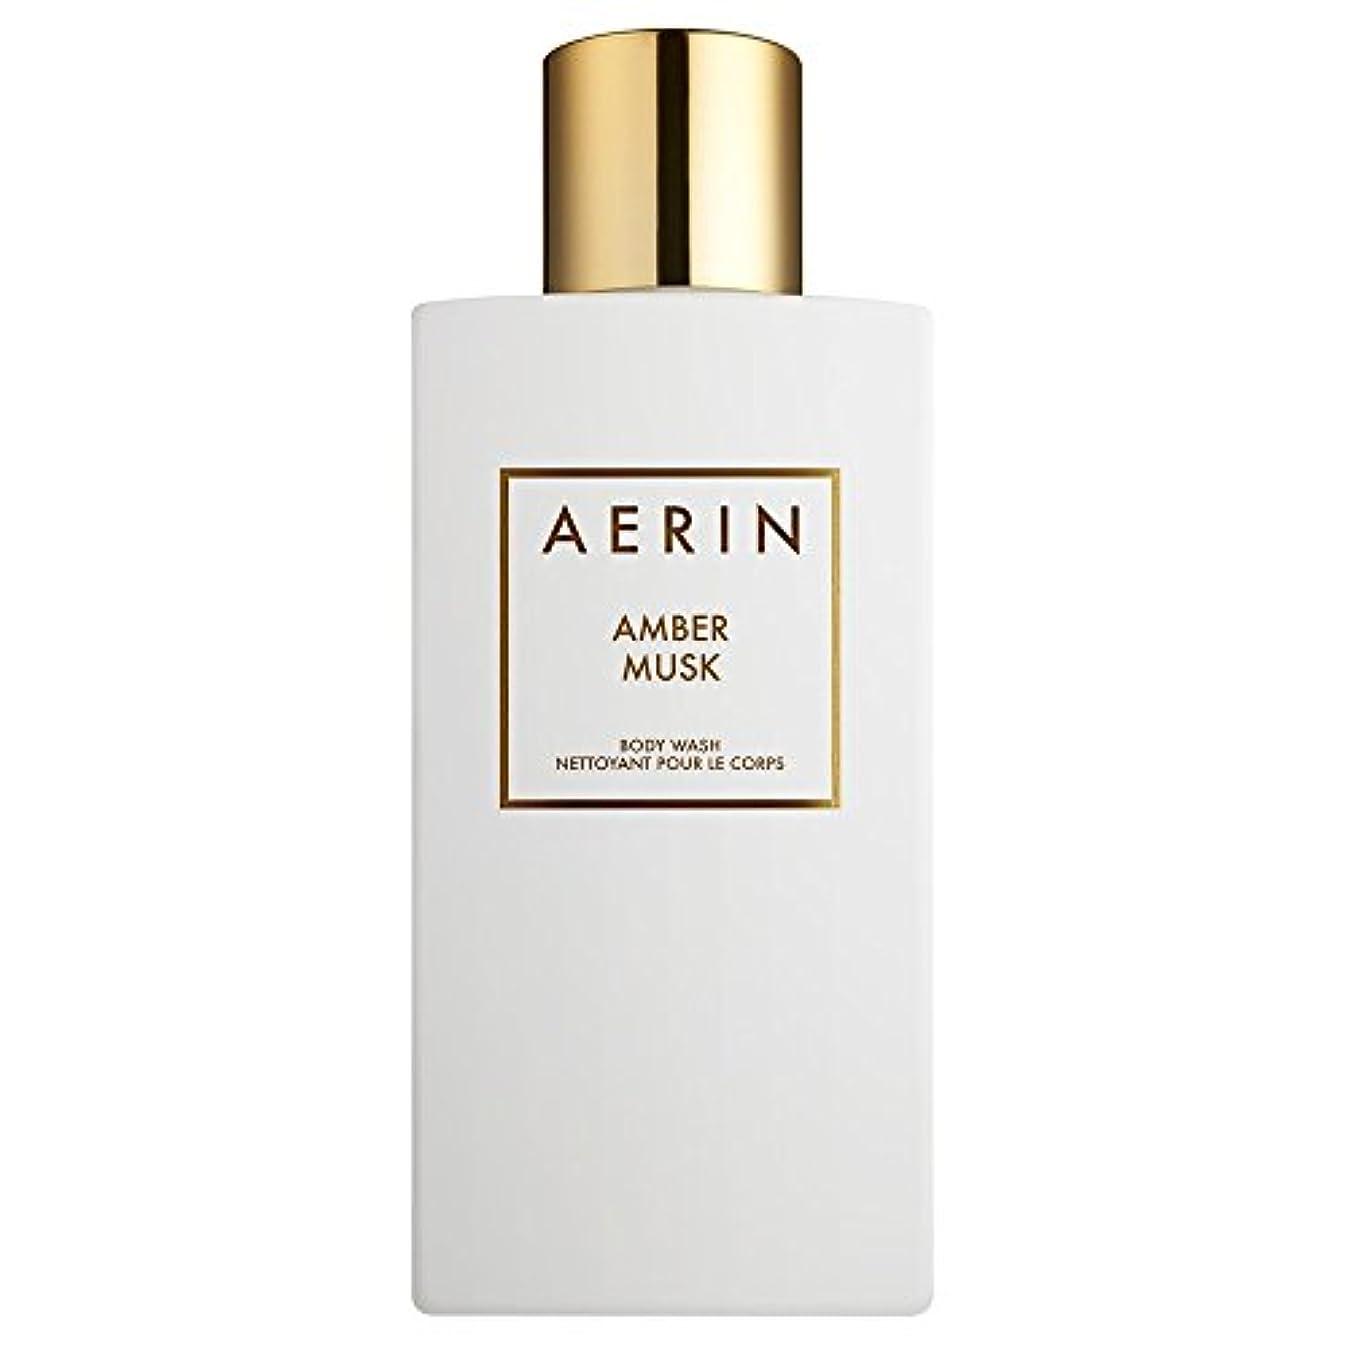 発表検索エンジンマーケティング深くAerinアンバームスクボディウォッシュ225ミリリットル (AERIN) (x6) - AERIN Amber Musk Bodywash 225ml (Pack of 6) [並行輸入品]